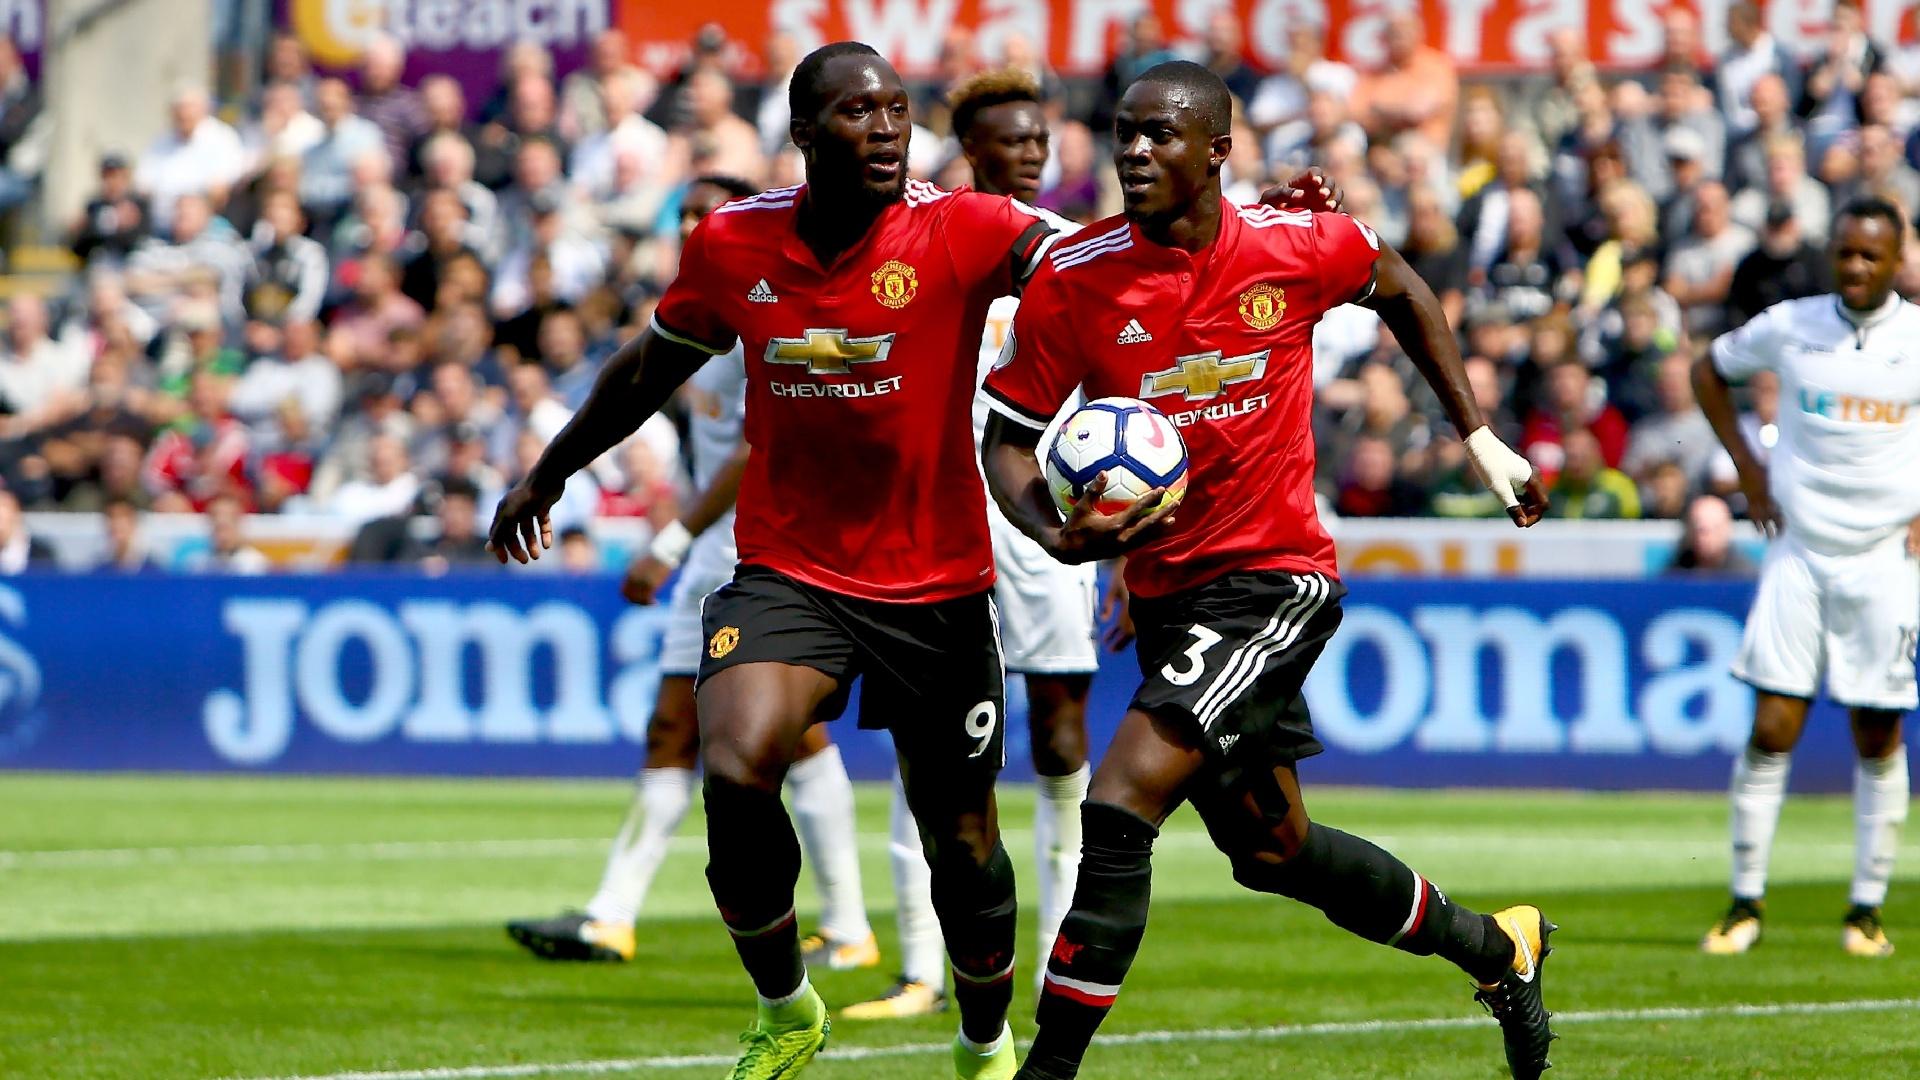 Eric Bailly comemora gol marcado para o Manchester United contra o Swansea